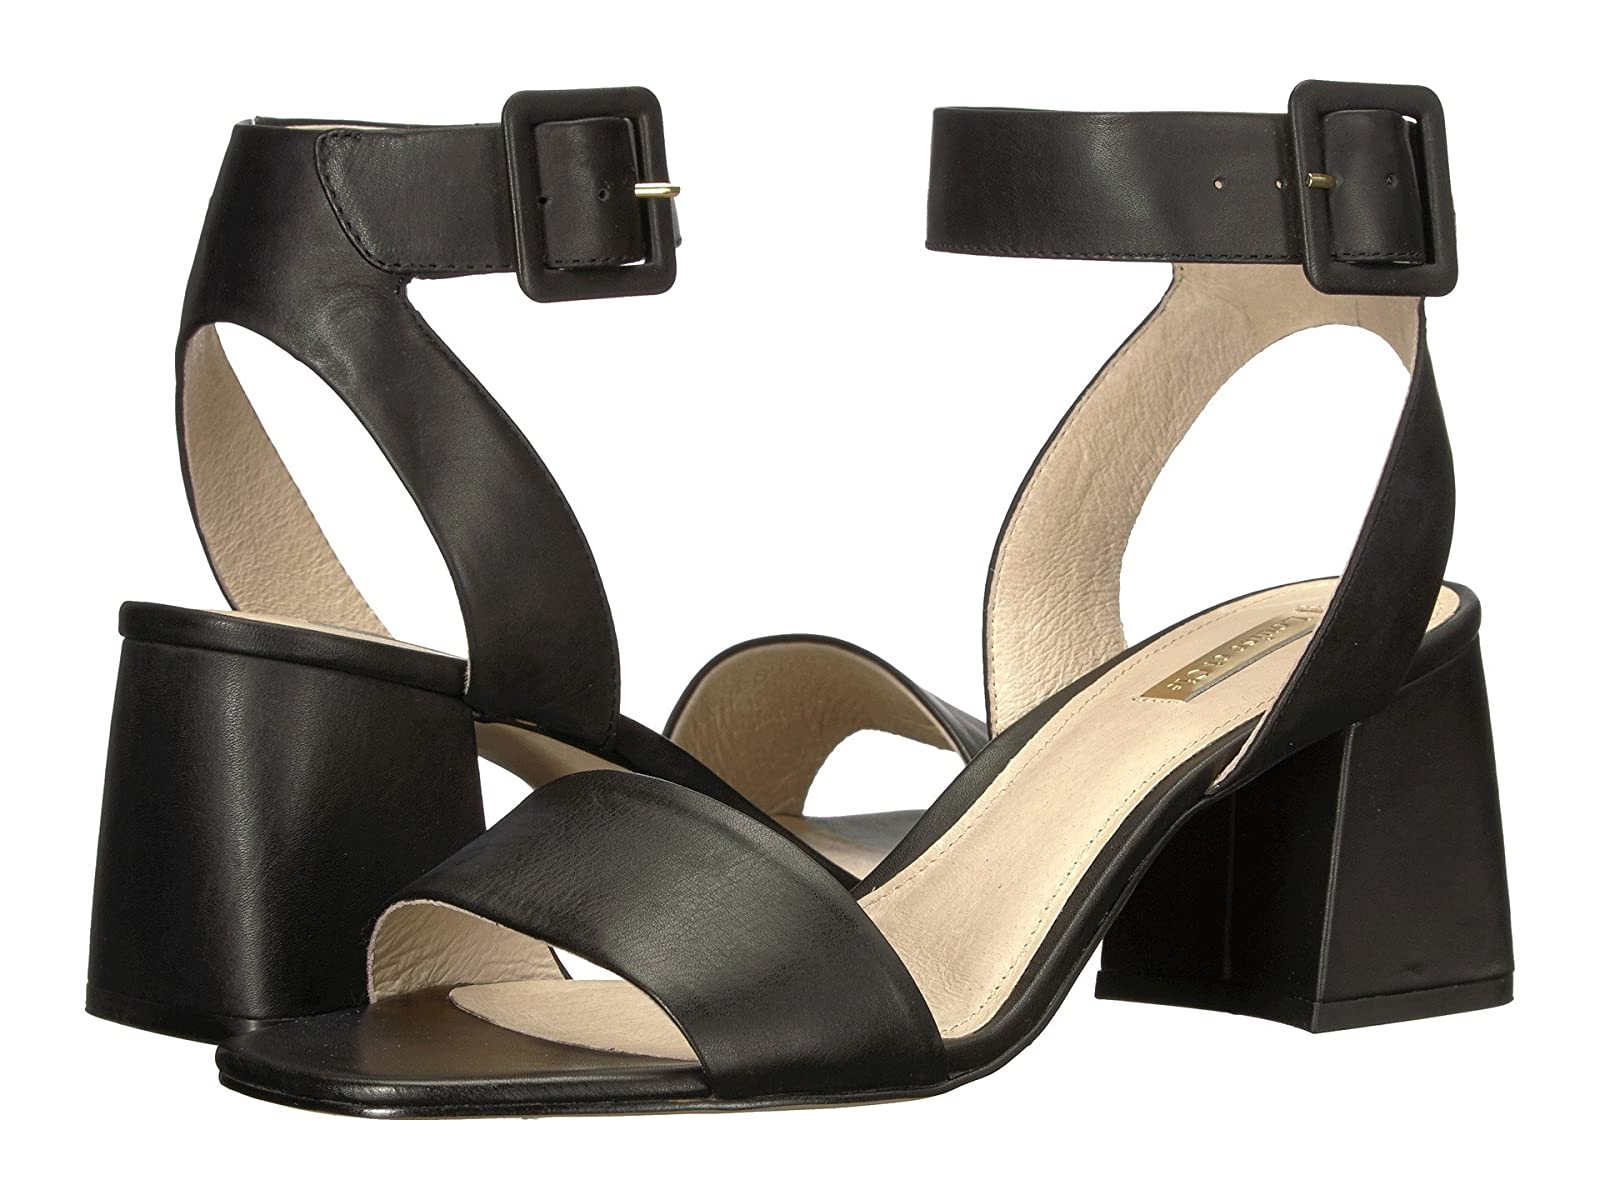 Louise et Cie KadenAtmospheric grades have affordable shoes